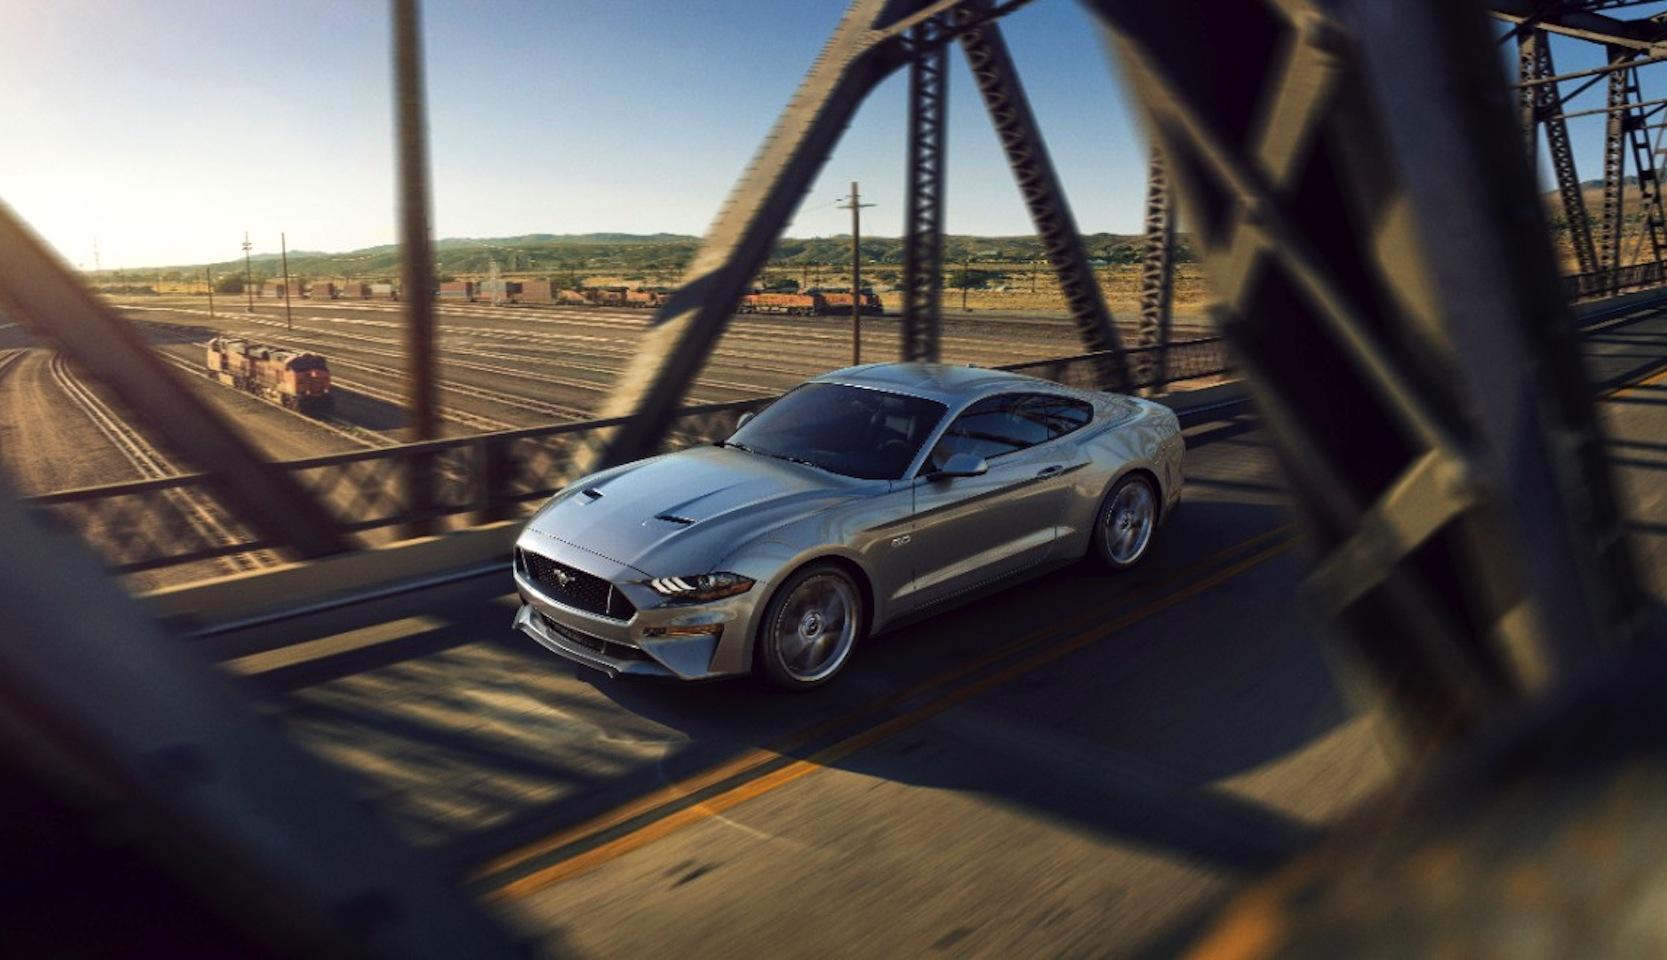 Selbst bei einem Kultauto wie dem Ford Mustang liegt der US-Anteil gerade mal bei der Hälfte.